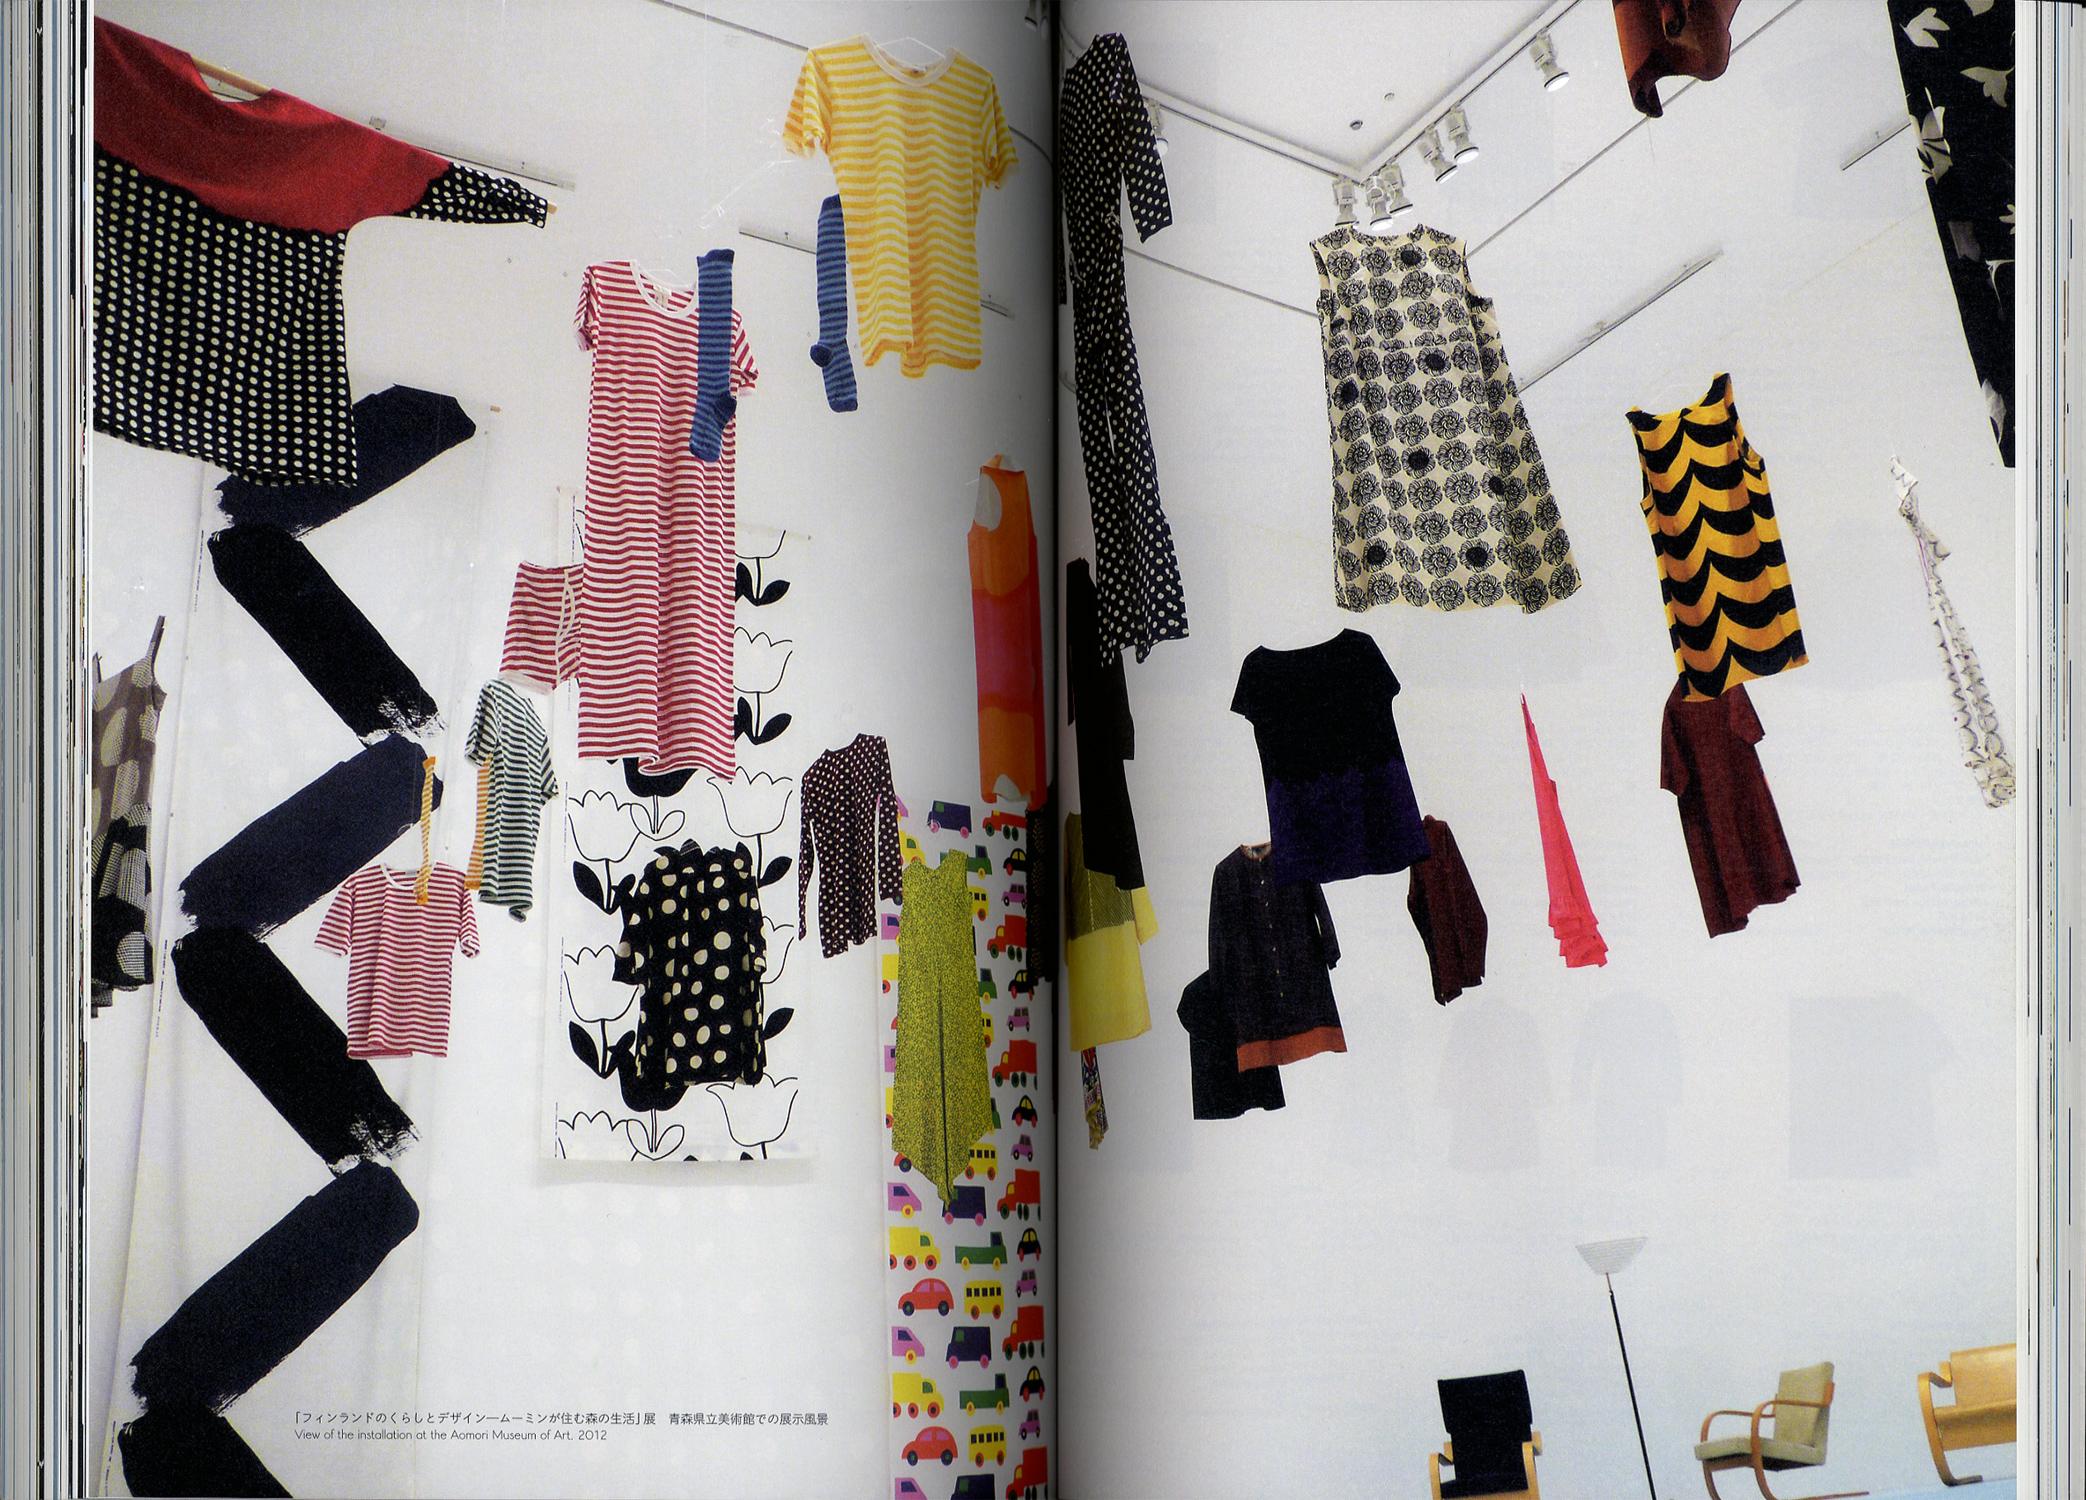 フィンランドのくらしとデザイン ムーミンが住む森の生活展図録[image5]